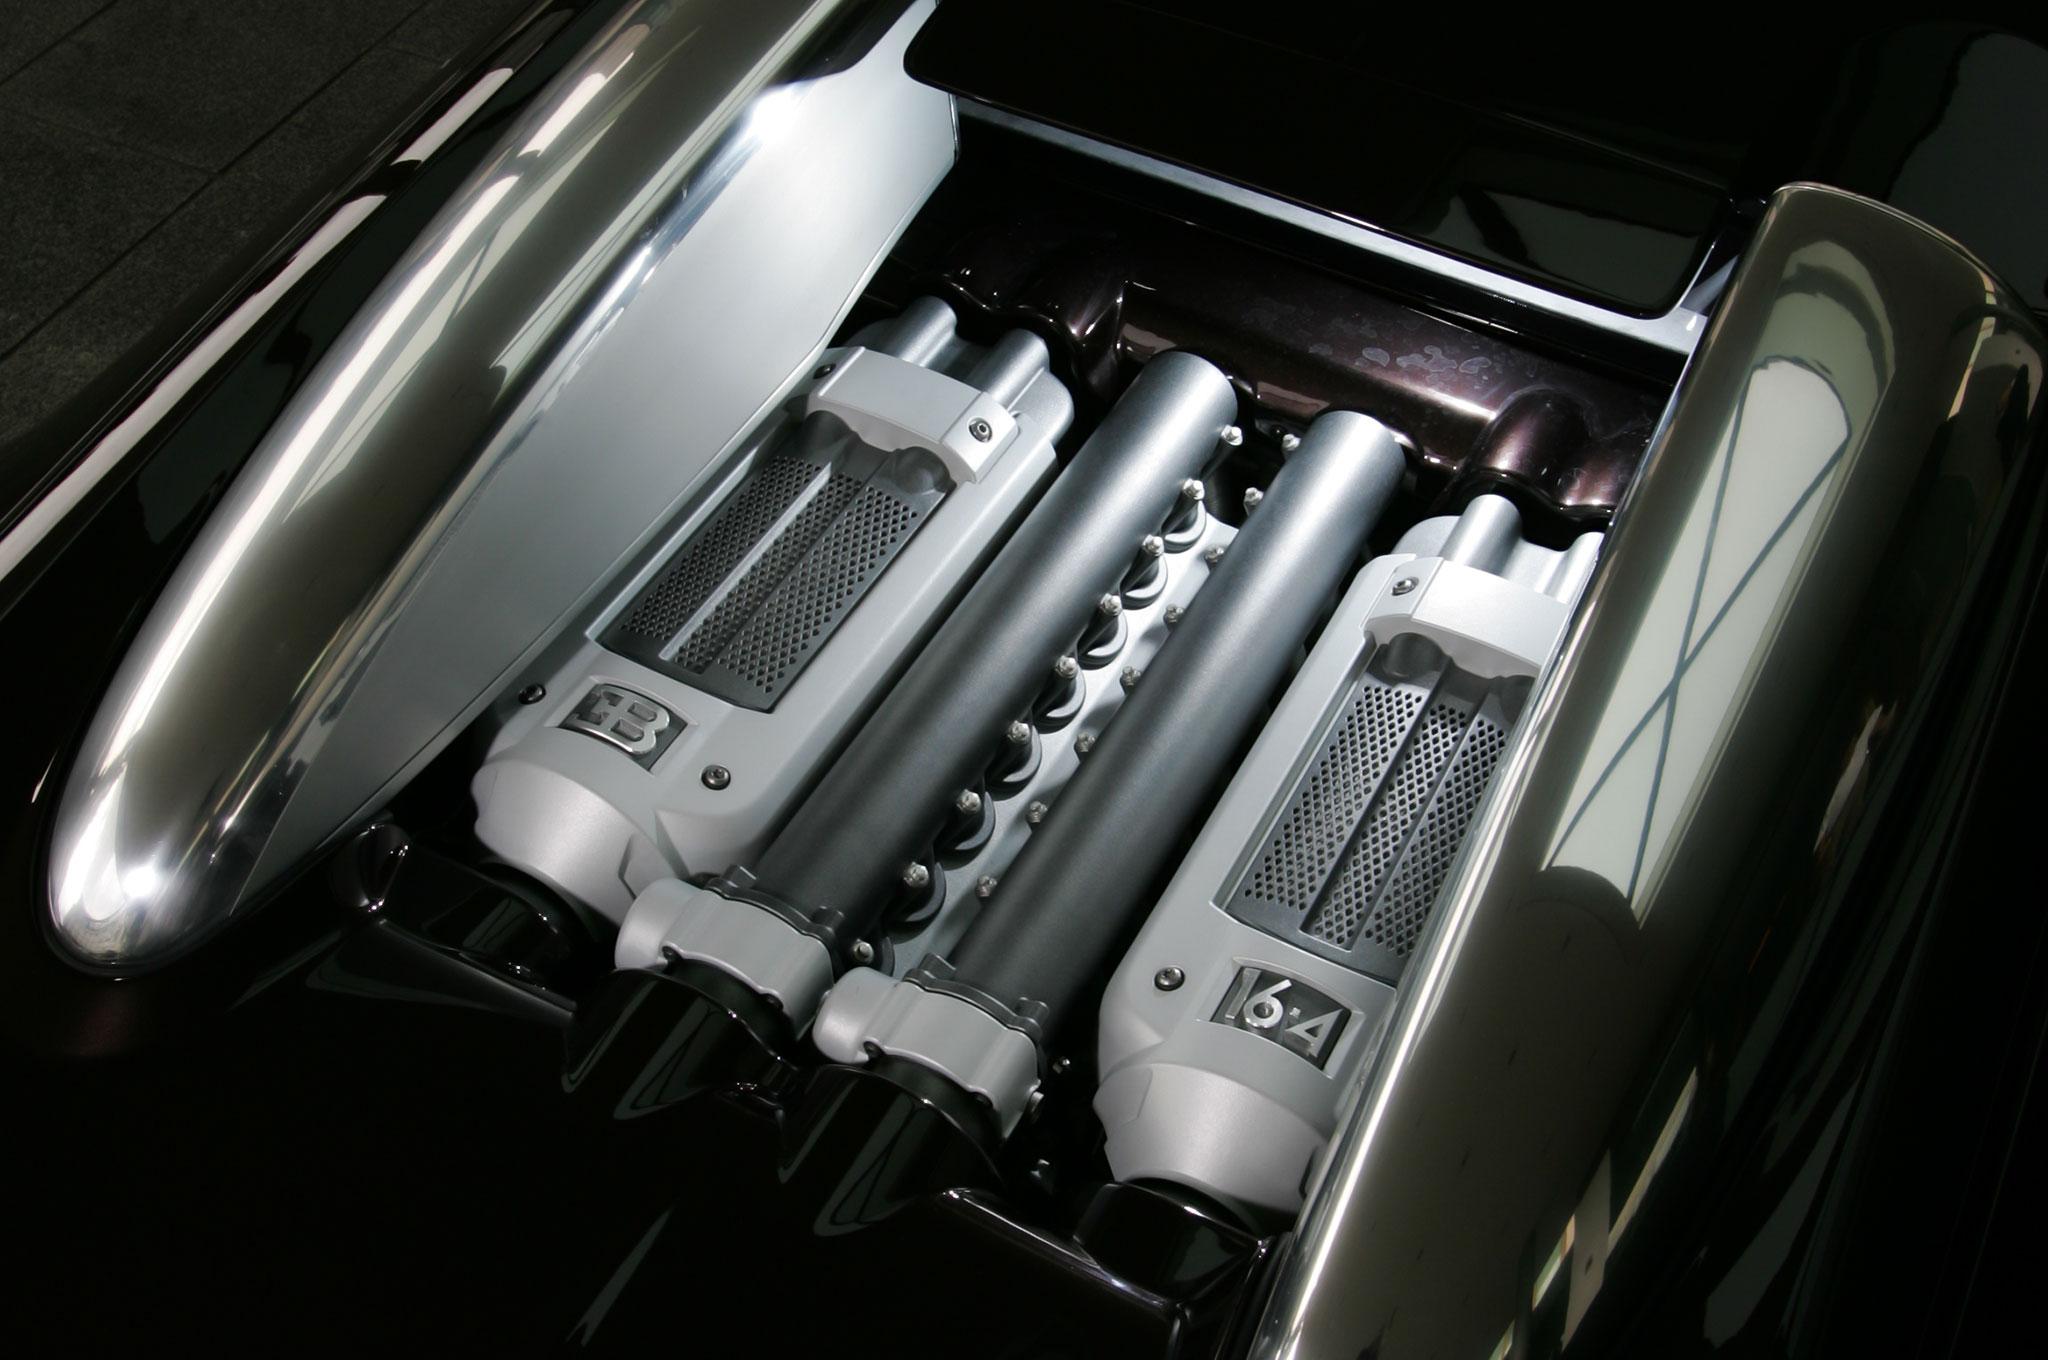 2005 Bugatti Veyron Eb 16 4 Review